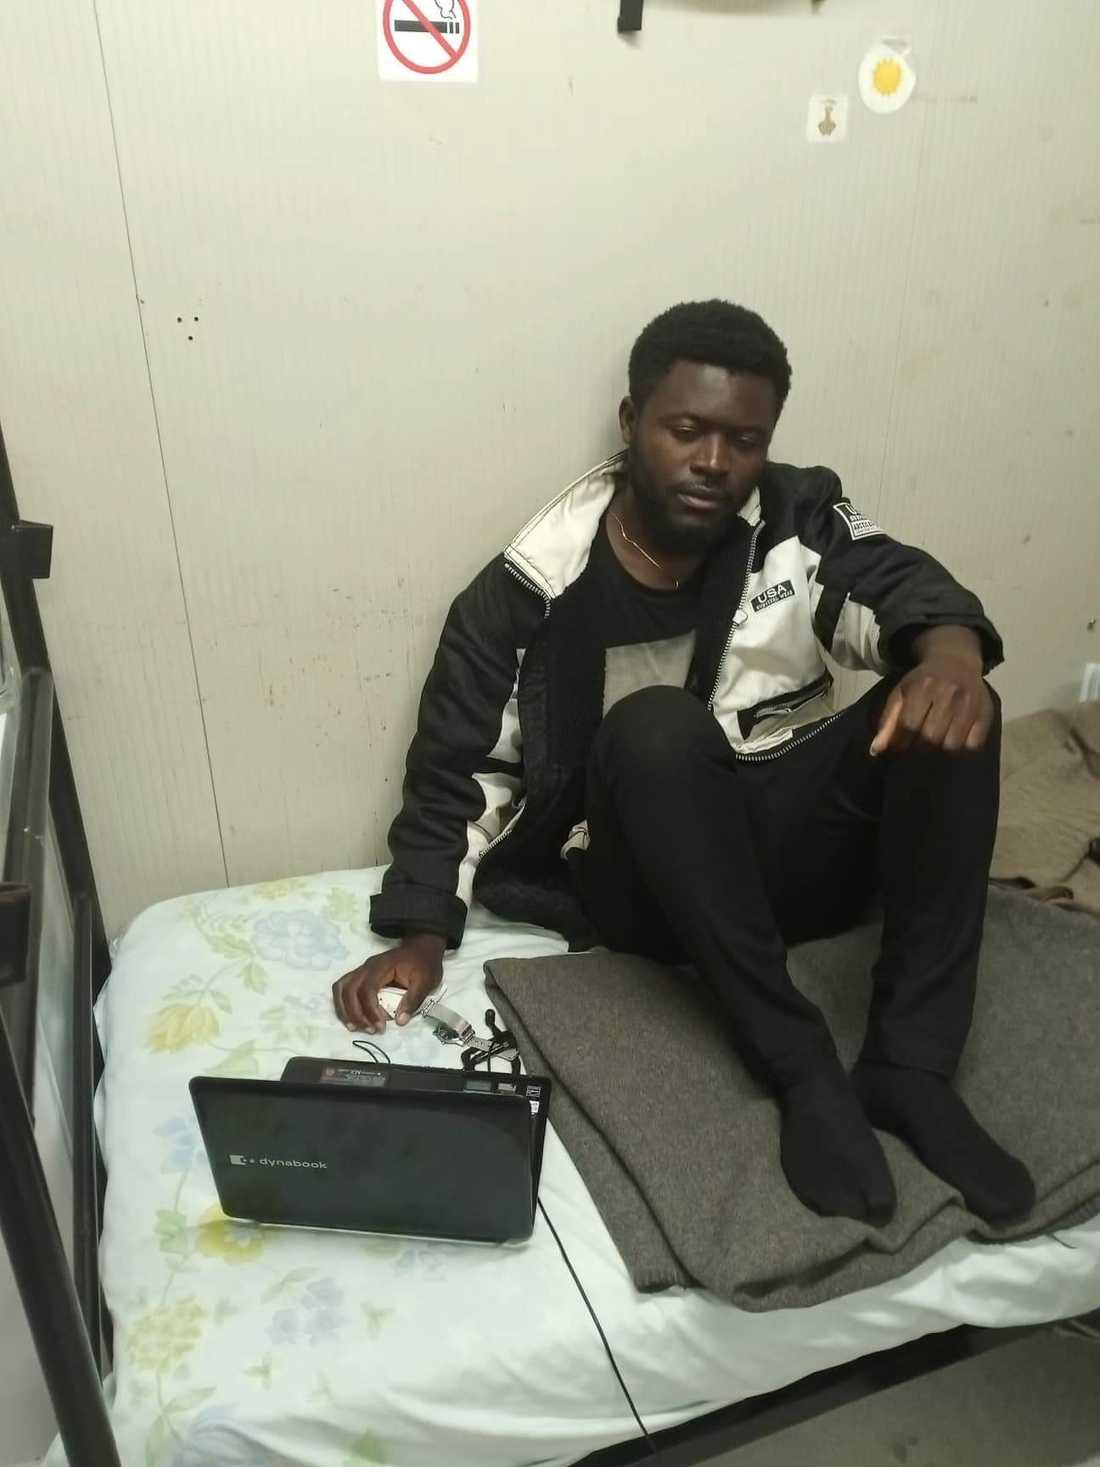 Kameruniern Clinton Yebga i sitt rum på mottagningsenheten för asylsökande i Kofinou i Cypern.